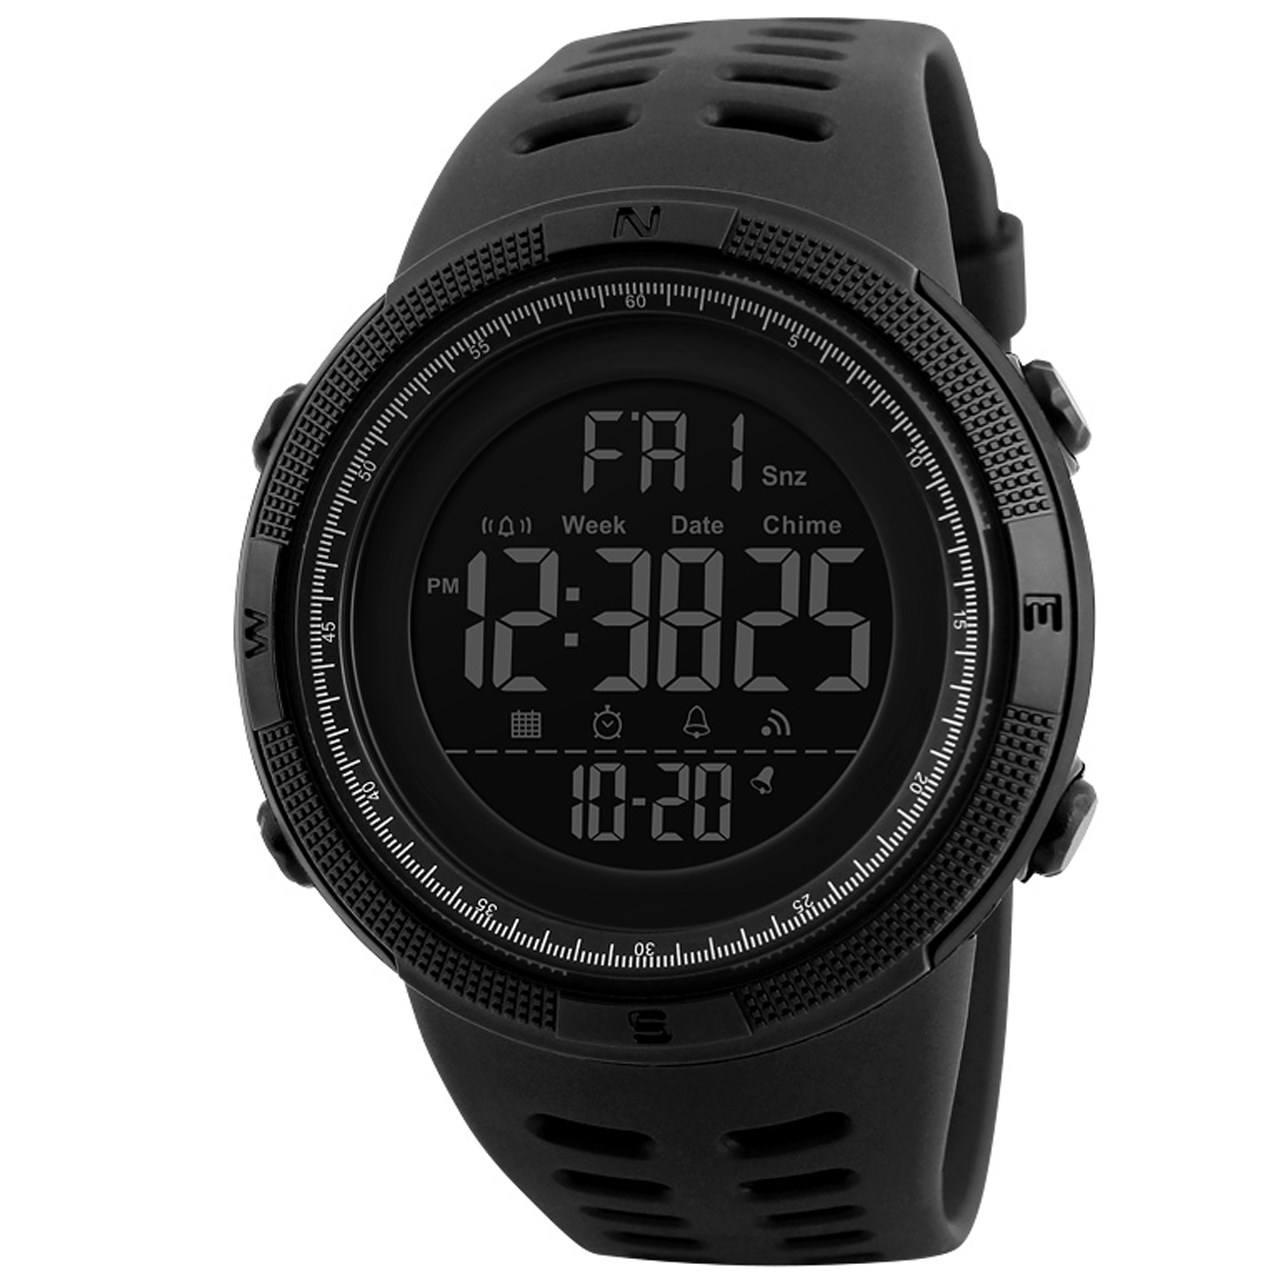 ساعت مچی دیجیتالی مردانه اسکمی مدل 1251 کد01 -  - 2